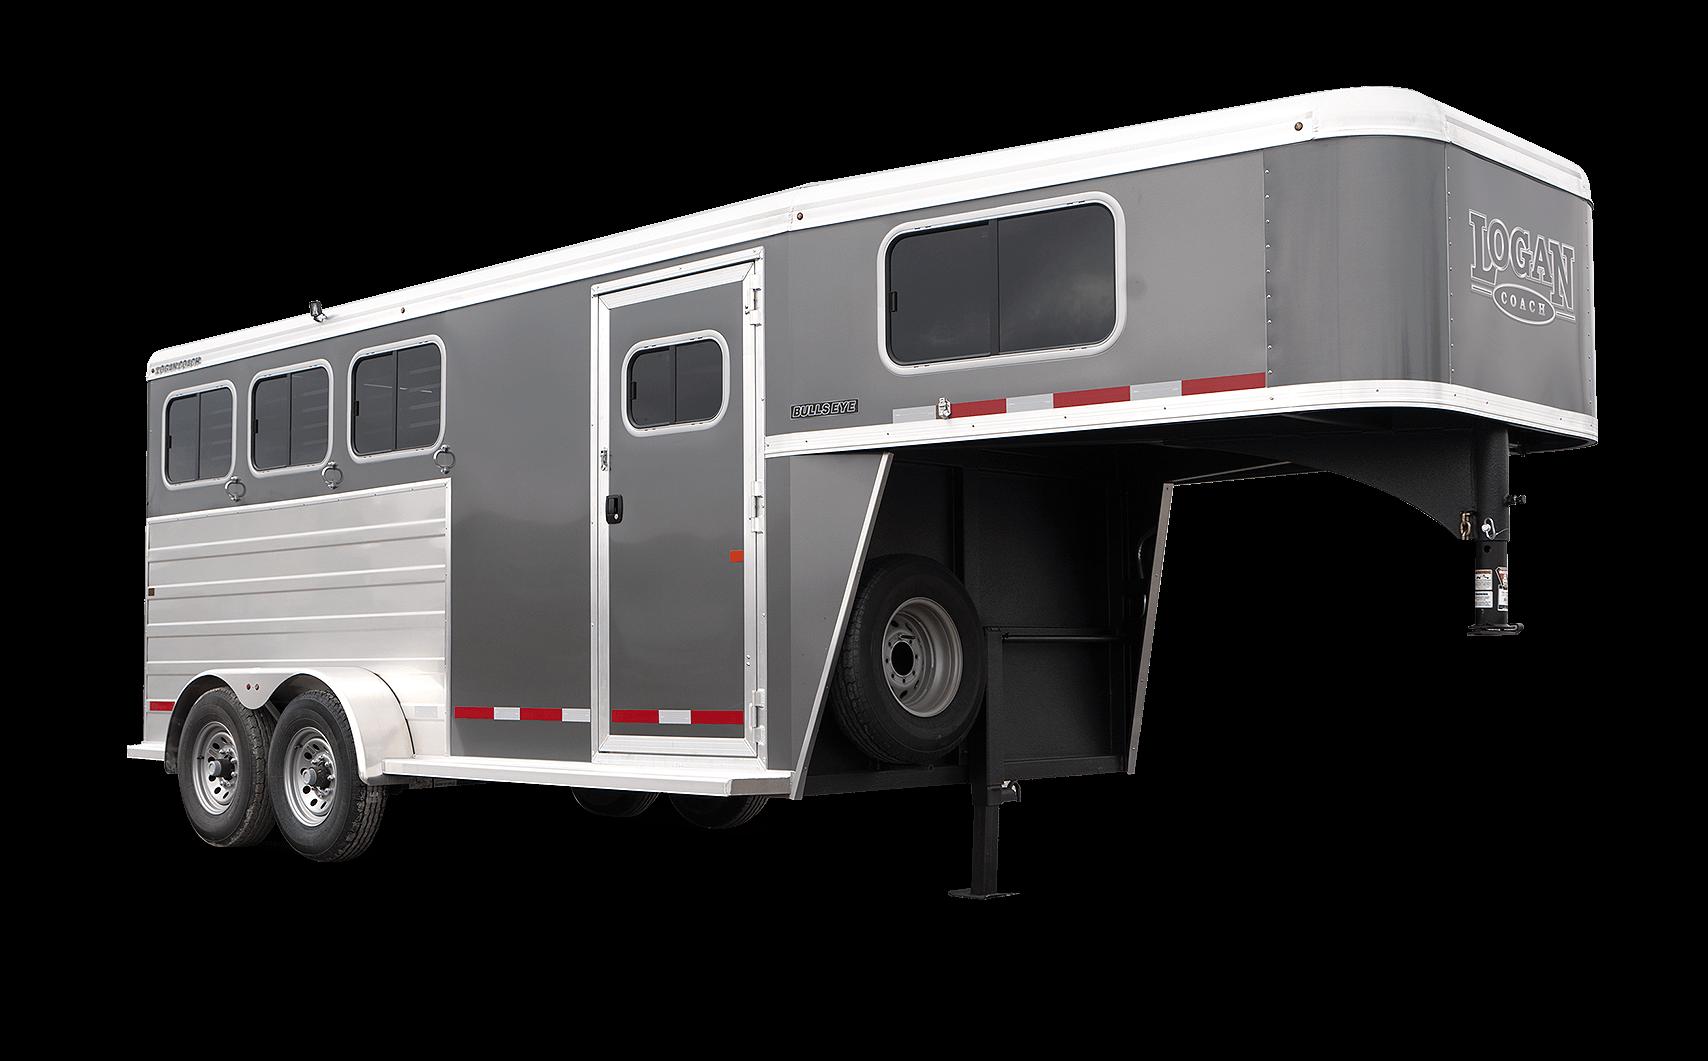 Bullseye Gooseneck Horse Trailer Logan Coach